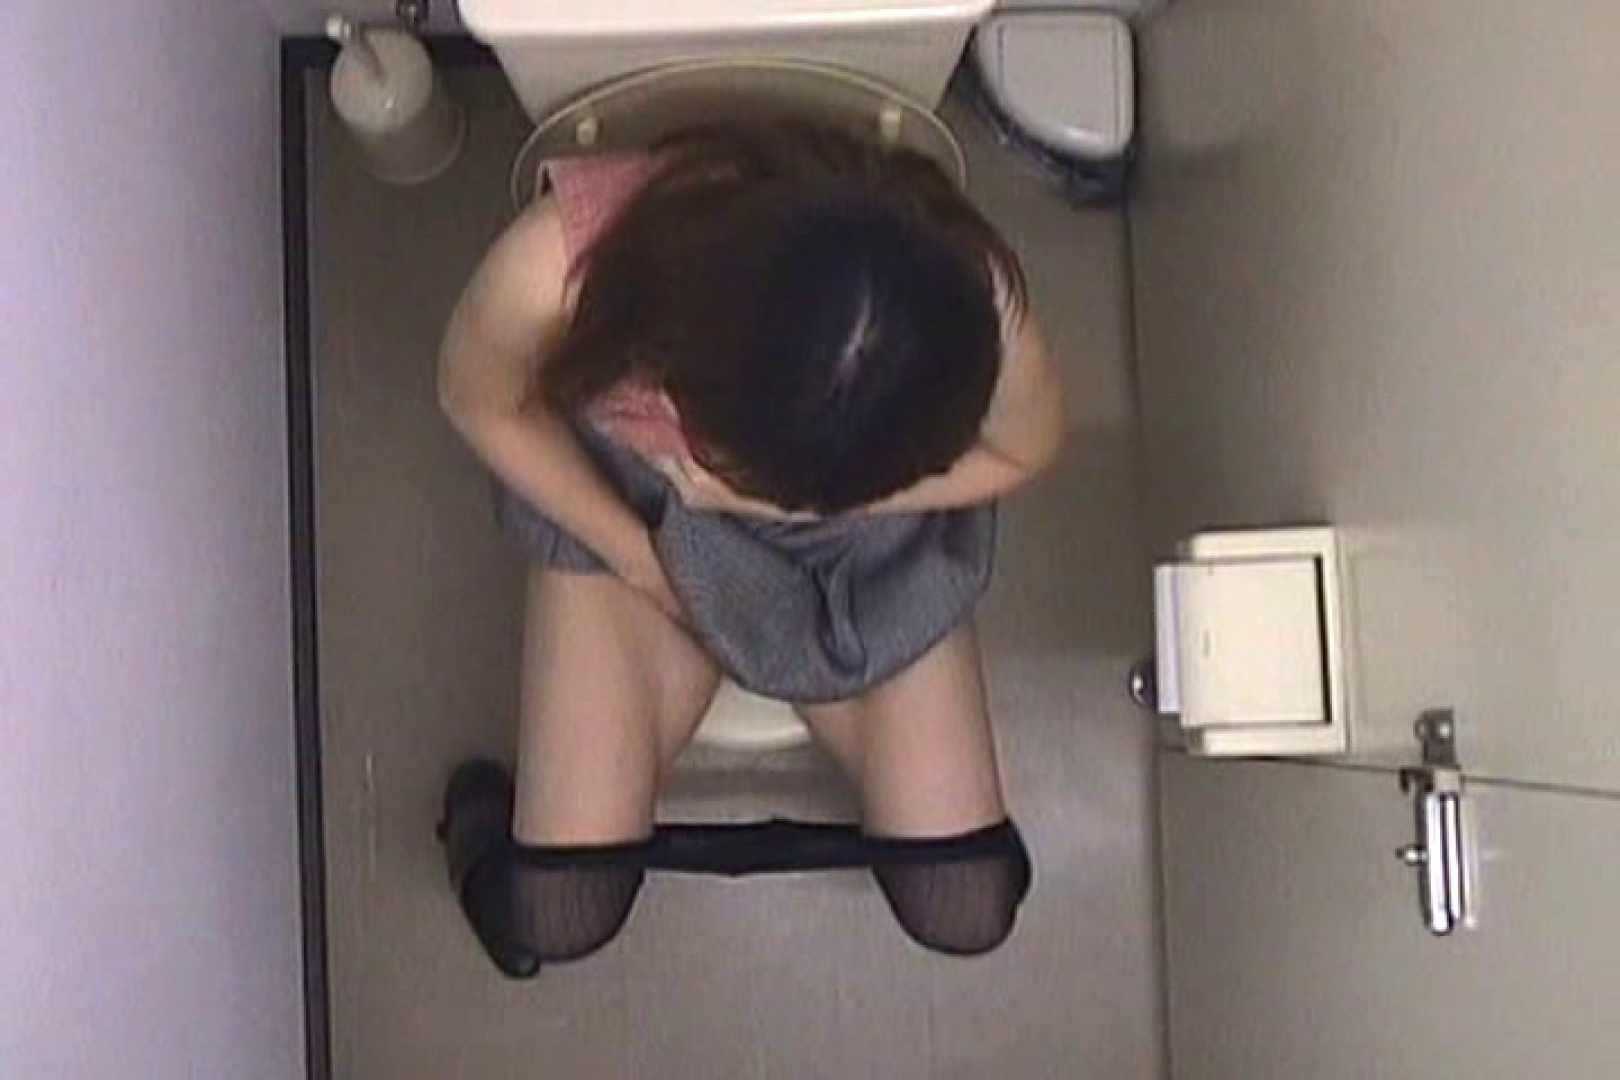 雑居ビル洗面所オナニーVol.2 オナニーする女性たち 覗きぱこり動画紹介 71画像 28